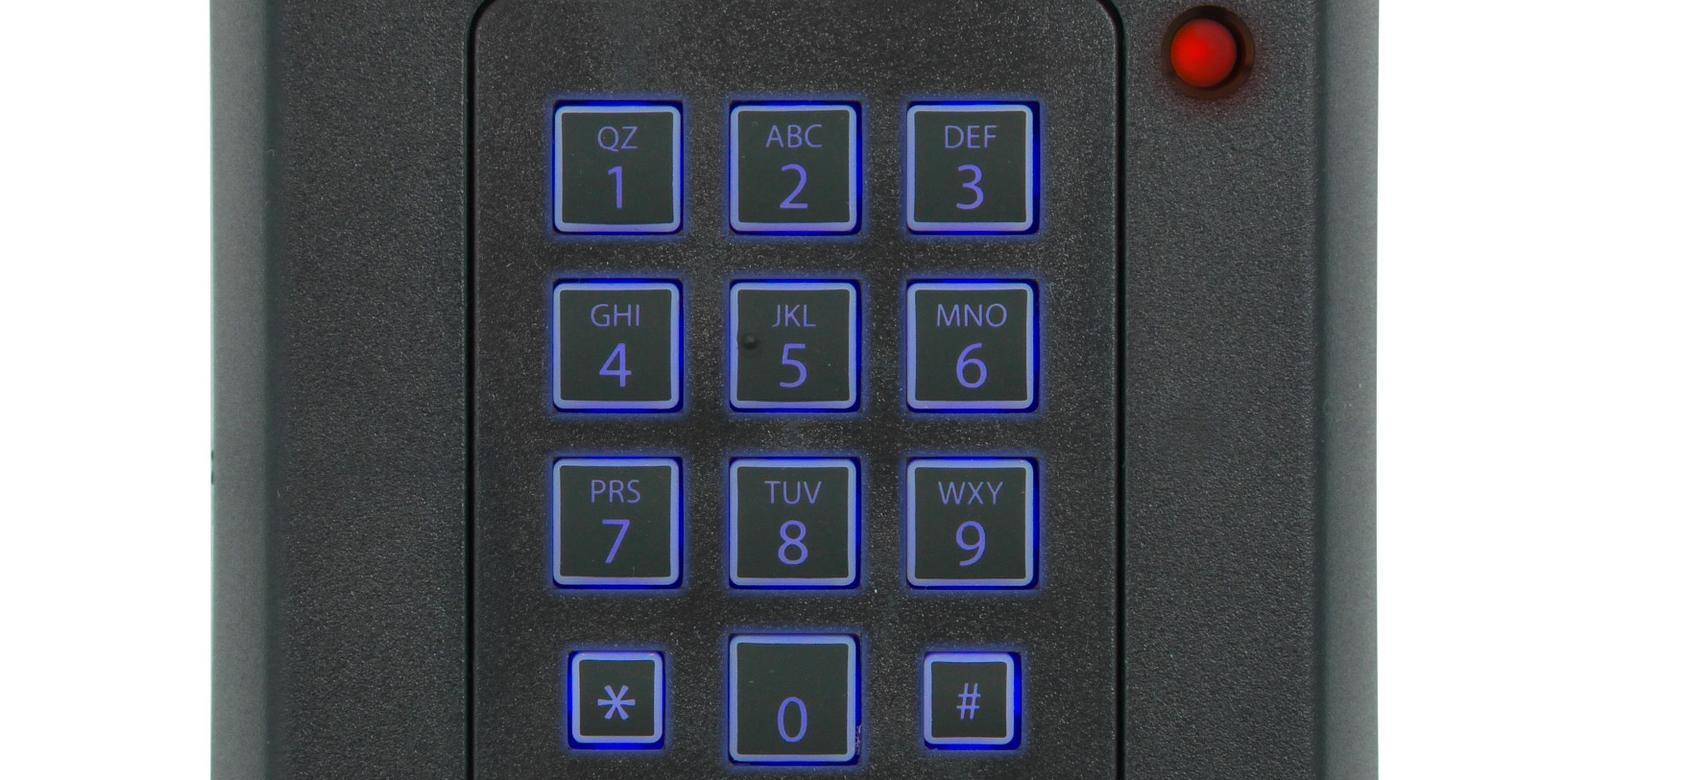 Teclado de teléfono con números azules